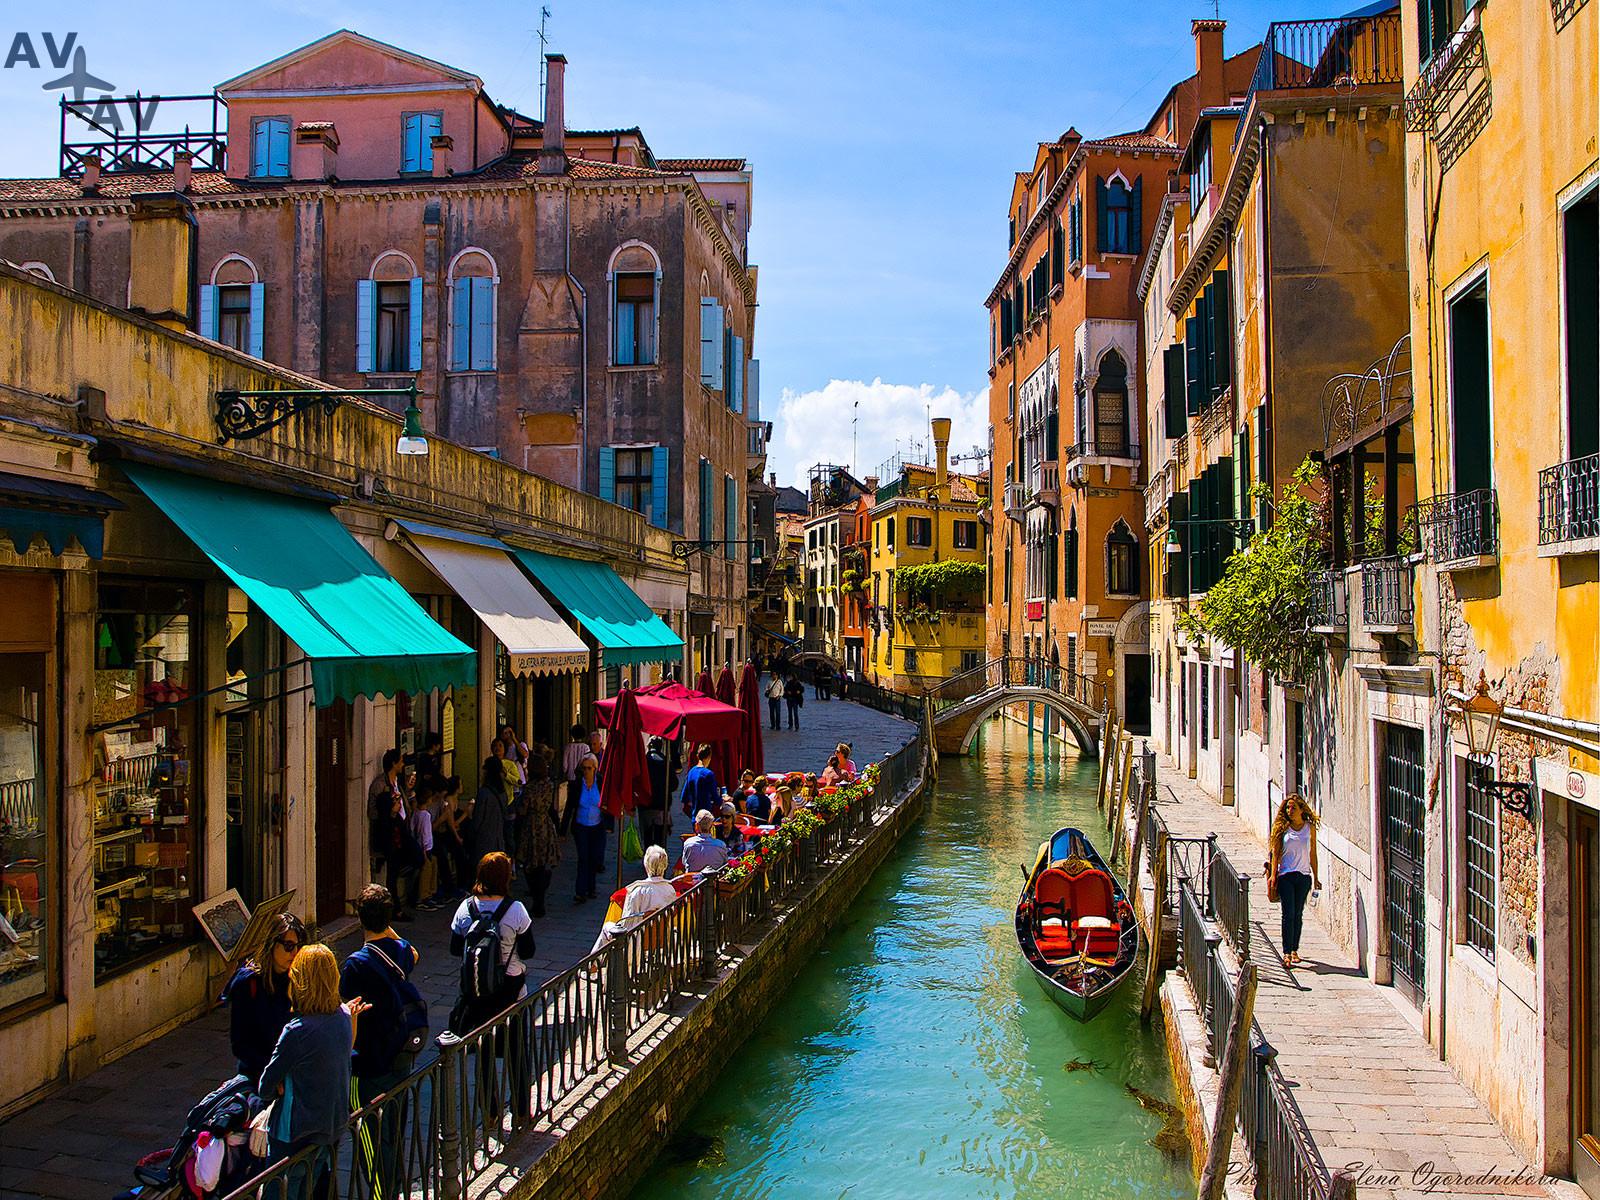 Neizvestnaya Venetsiya - Неизвестная Венеция